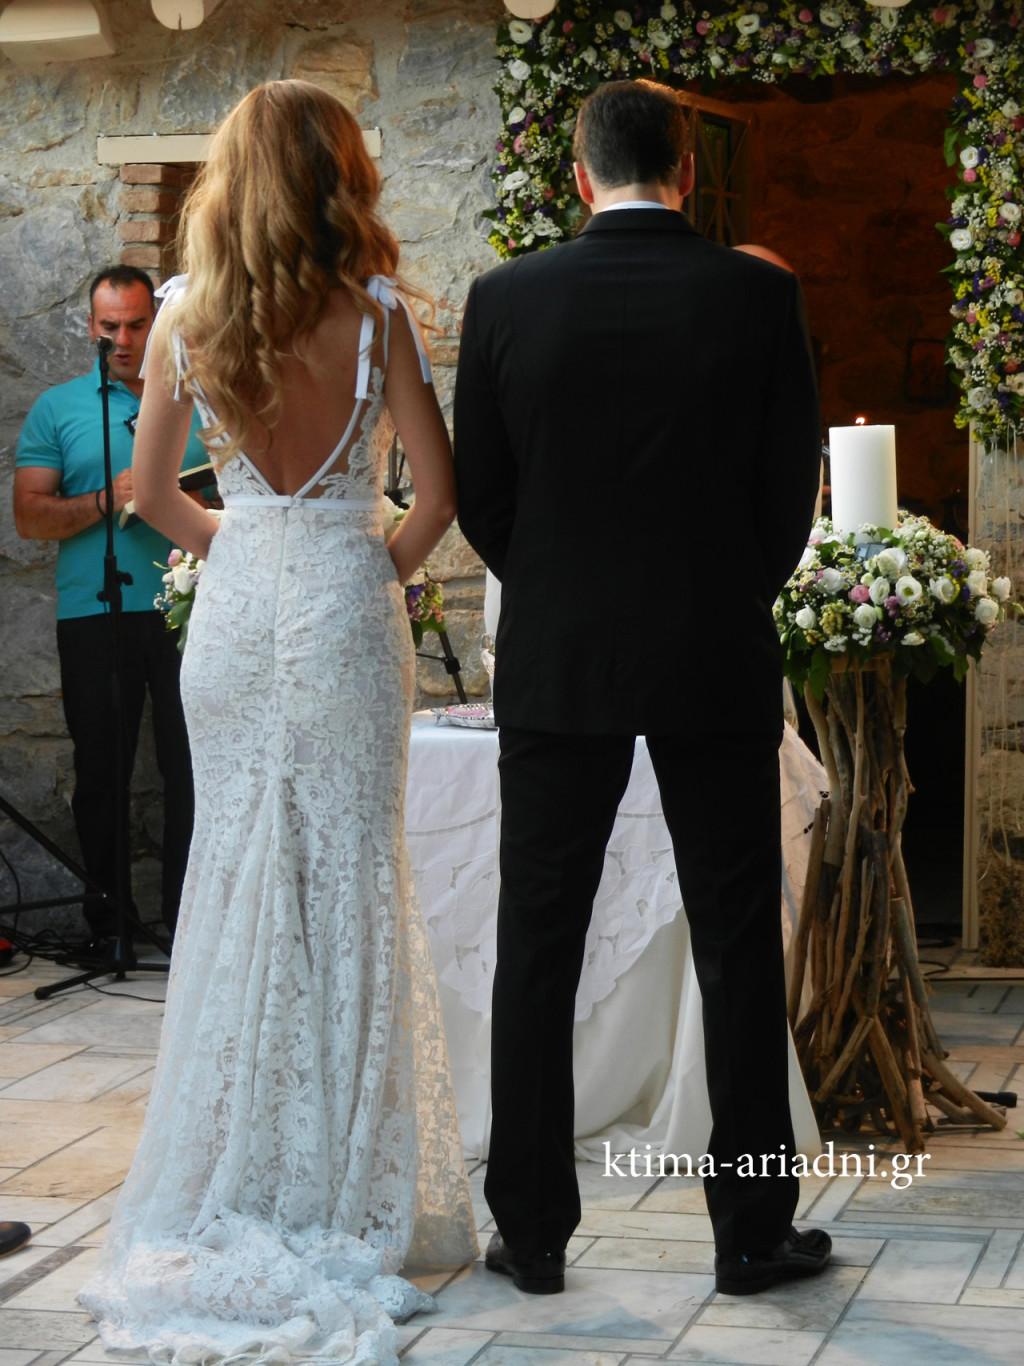 Η Κέλλυ και ο Ερμης τη στιγμή που φθάνουν μπροστά στον ιερέα για να ξεκινήσει το μυστήριο του γάμου